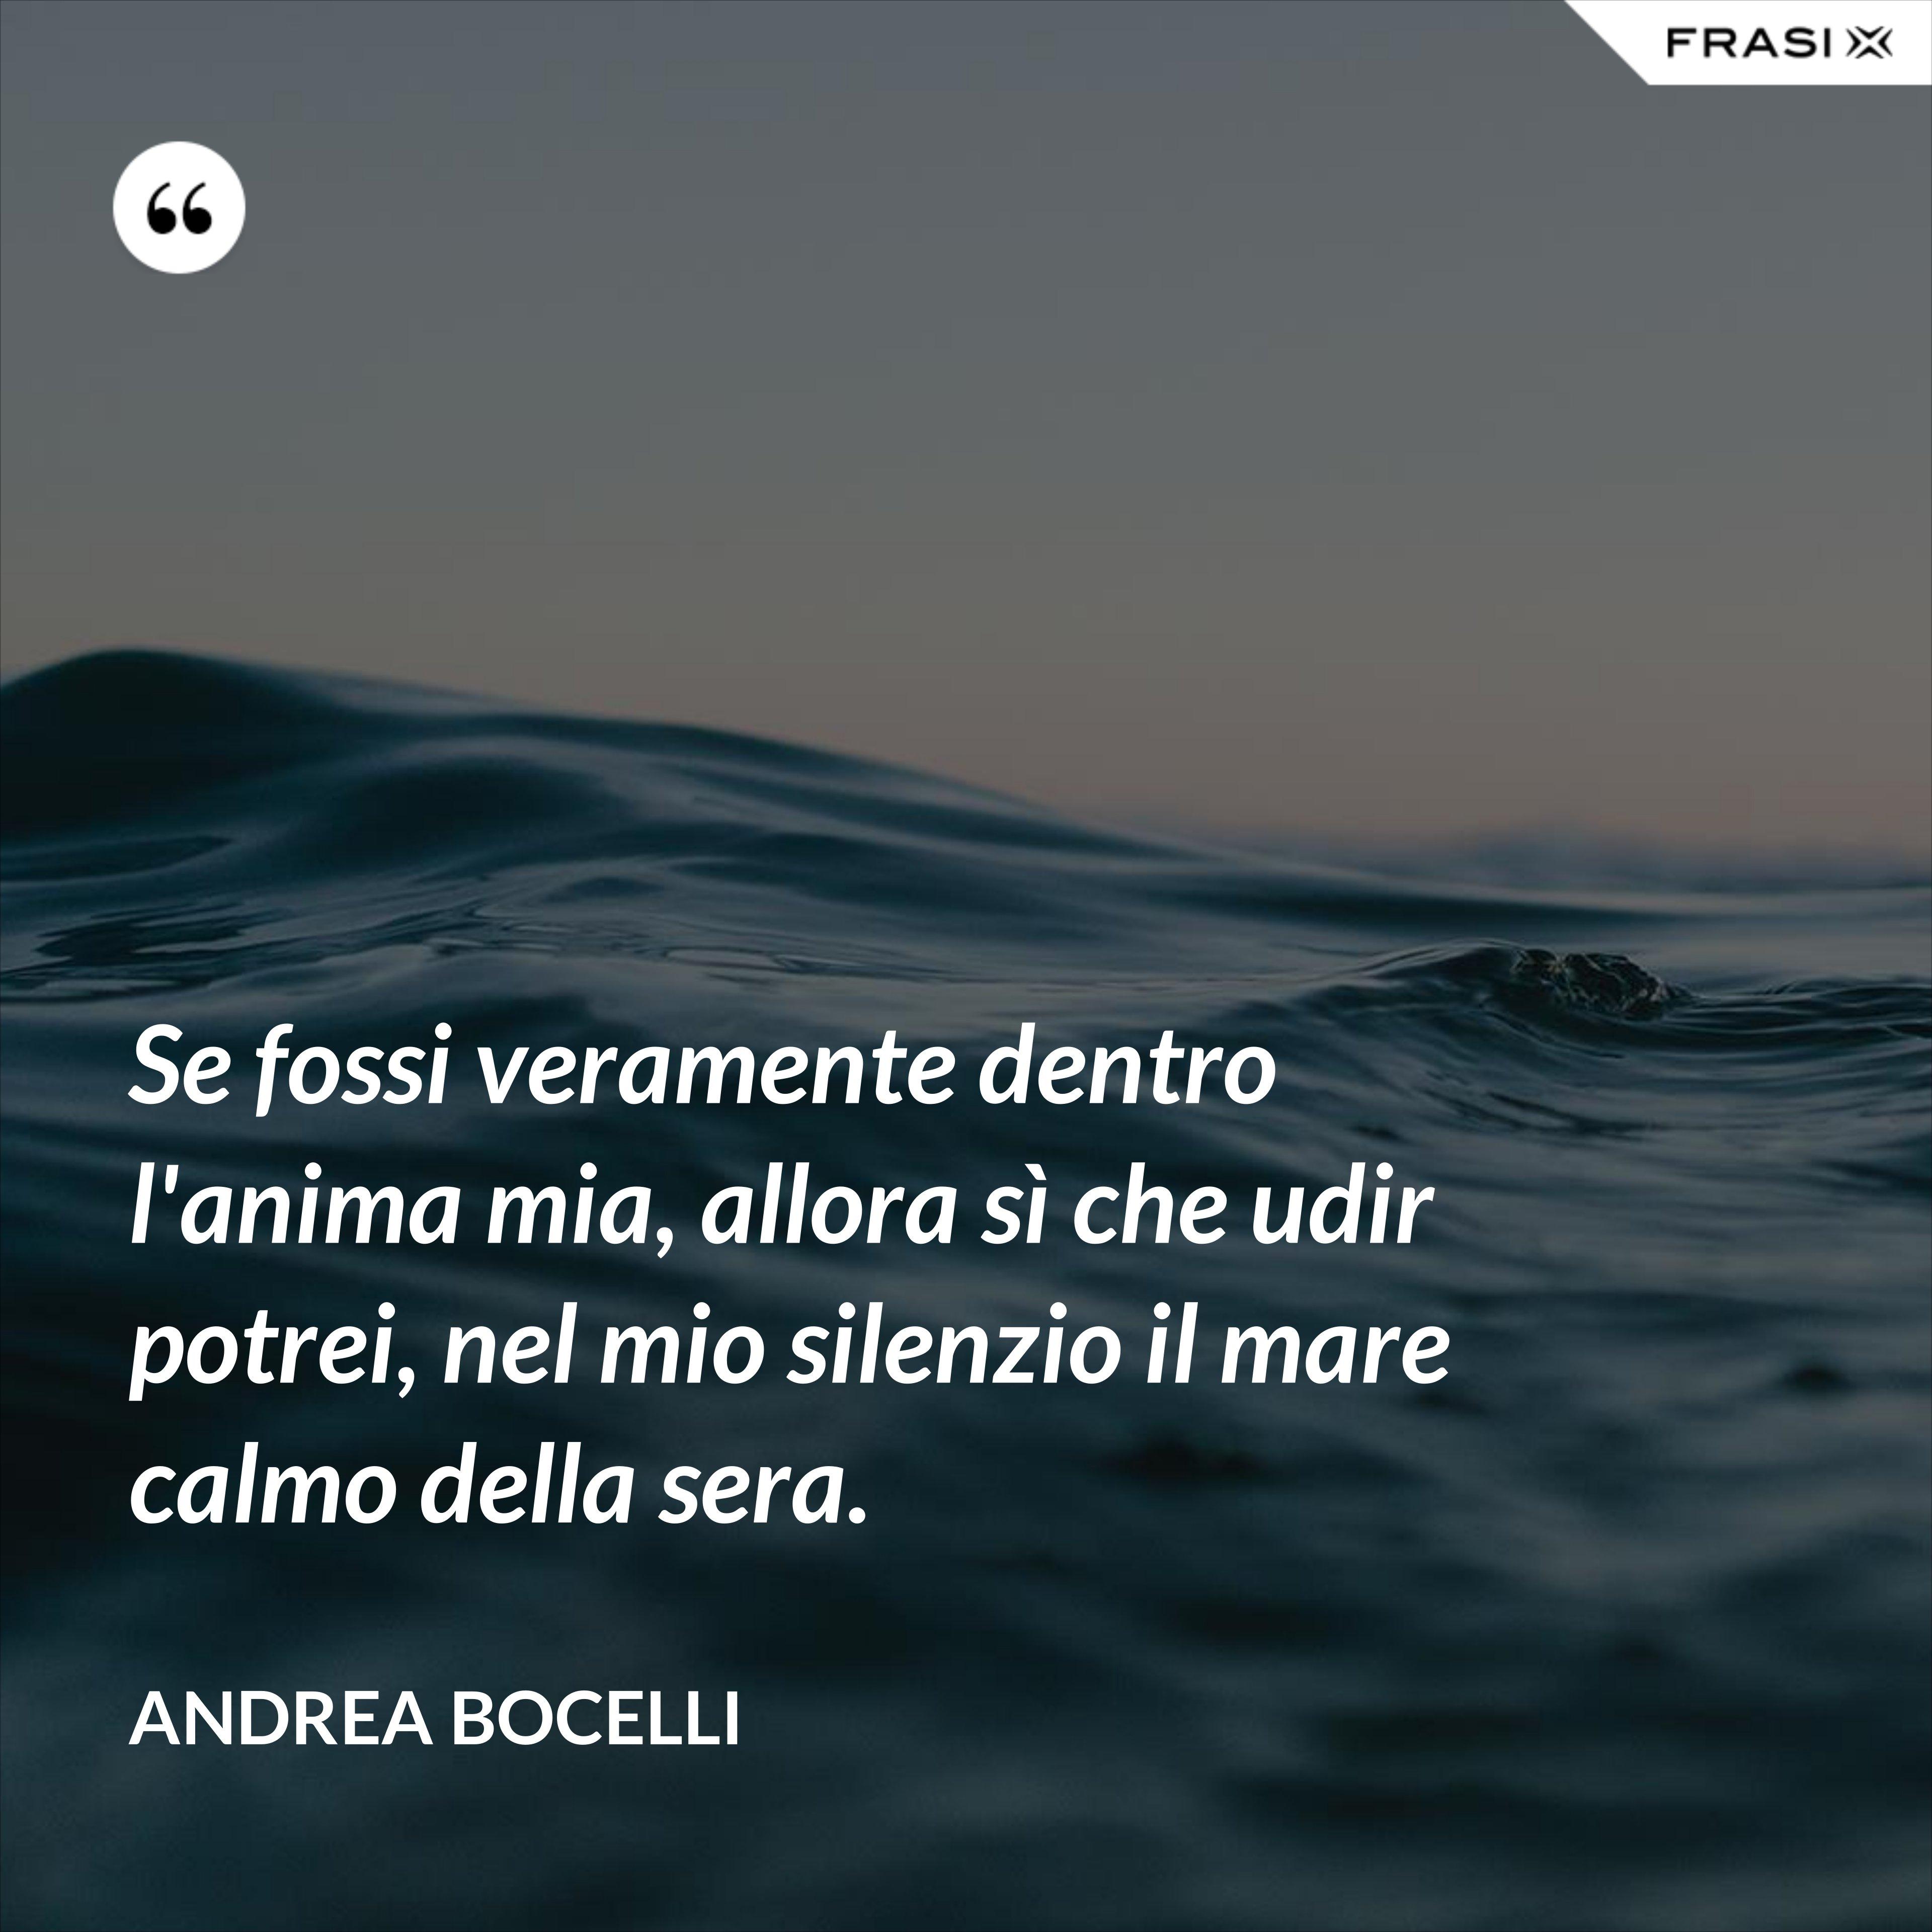 Se fossi veramente dentro l'anima mia, allora sì che udir potrei, nel mio silenzio il mare calmo della sera. - Andrea Bocelli